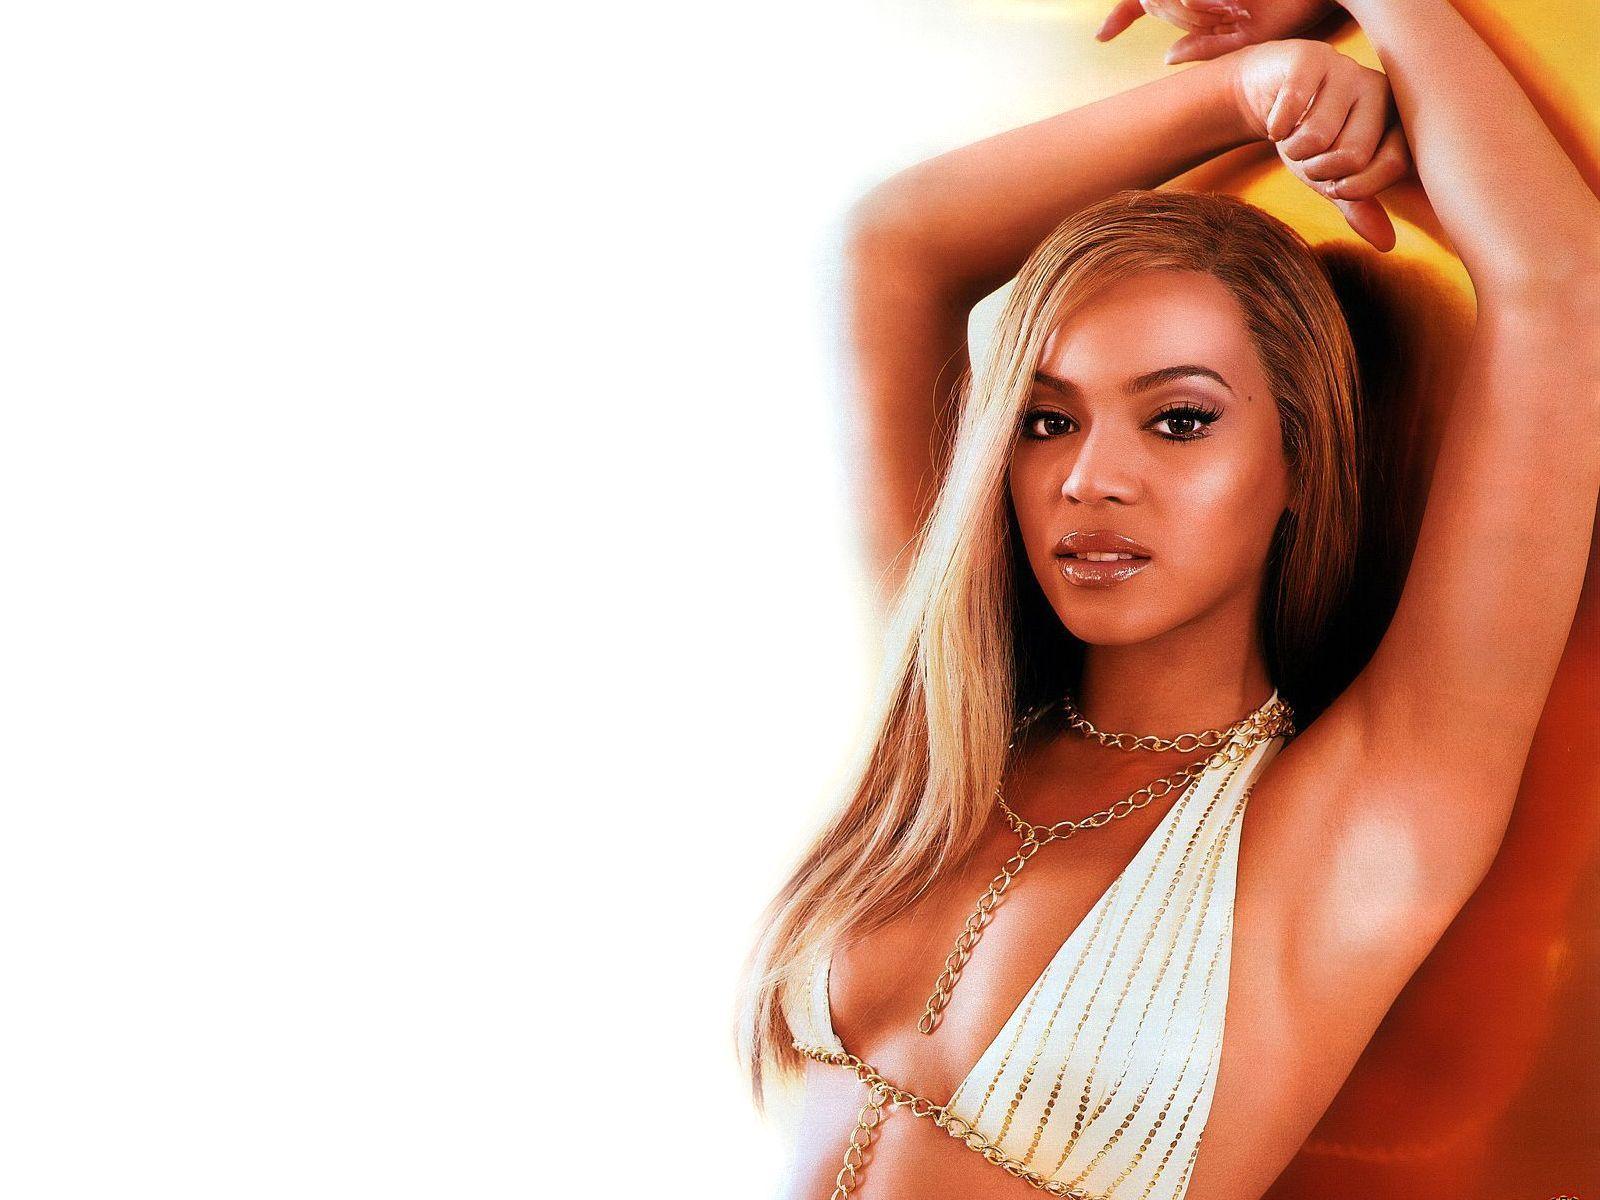 http://1.bp.blogspot.com/-8CwTs80UZ5M/TWNouYomyHI/AAAAAAAAAZ8/5N4DCg1s8d4/s1600/shaHD-Beyonce-wallpapers-beyonce-2622614-1600-1200.jpg